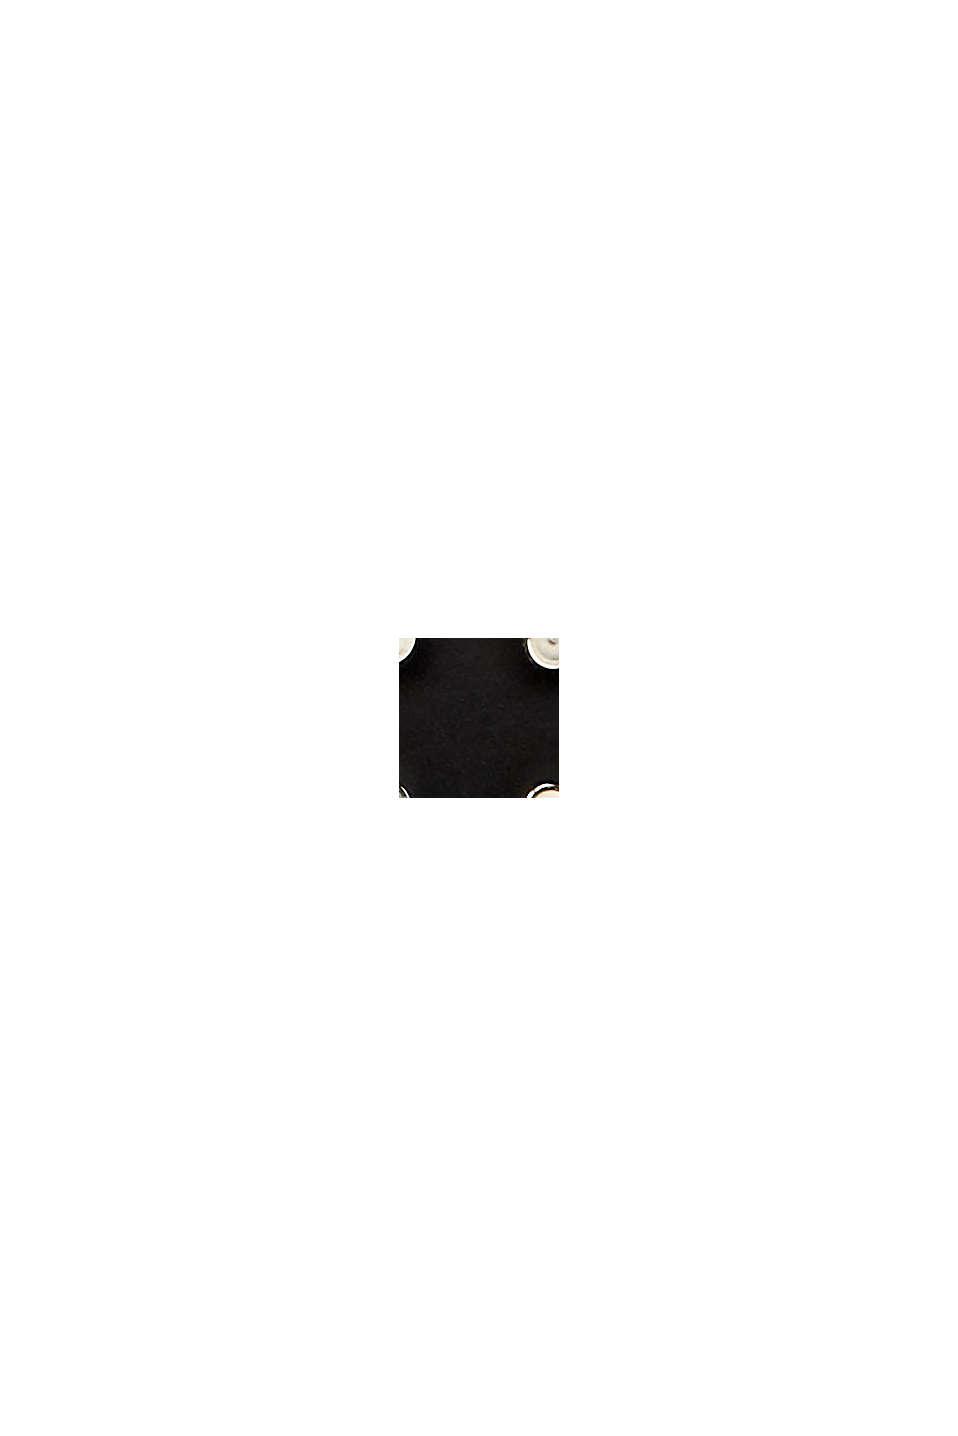 En cuir: la ceinture fine à rivets, BLACK, swatch